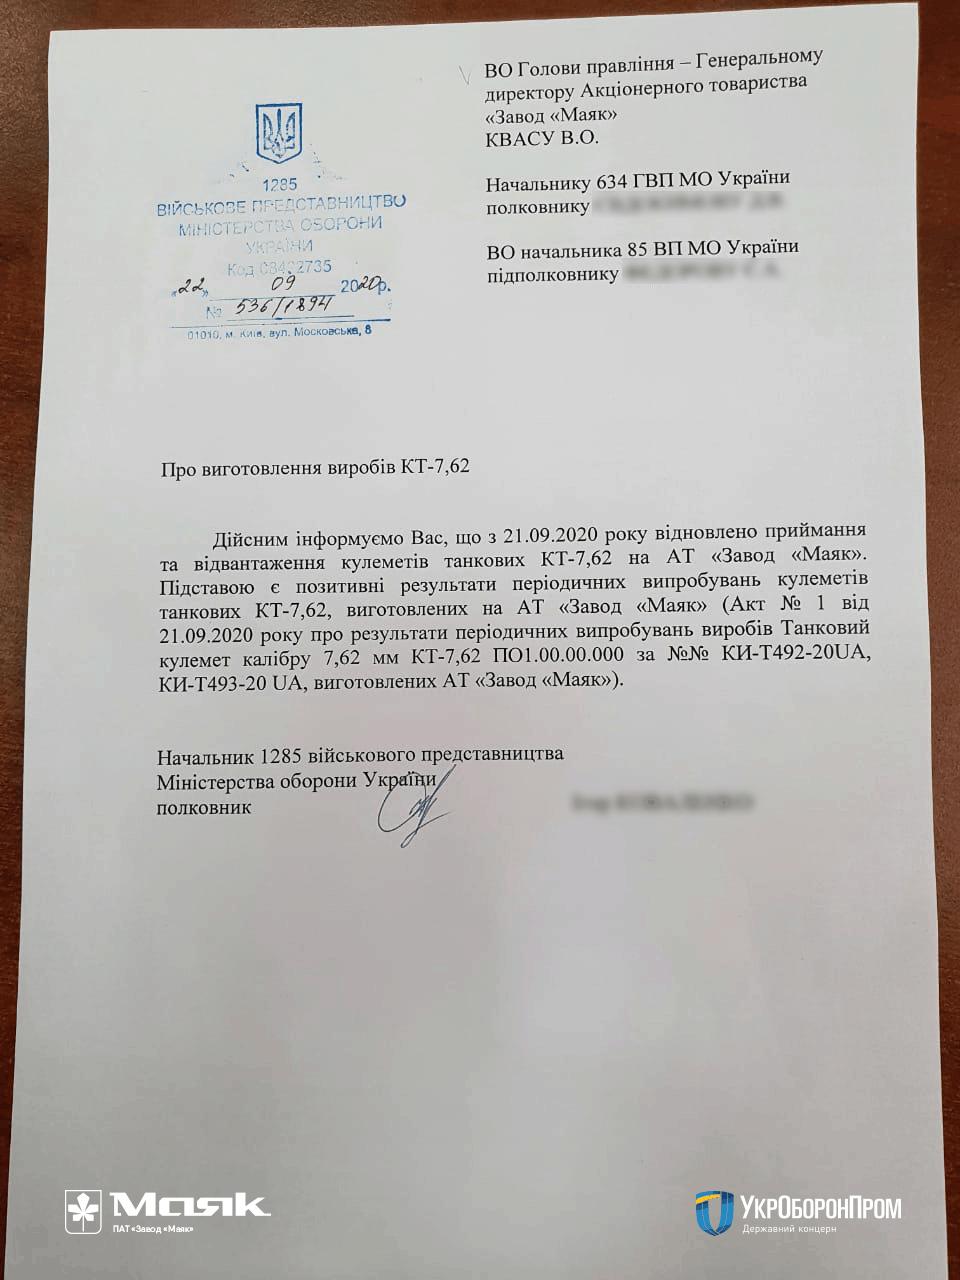 Засвідчення військовим представництвом 1285  Міністерства оборони України проведення випробувань на живучість (відстрілу 25 тисяч пострілів) кулемету КТ-7,62